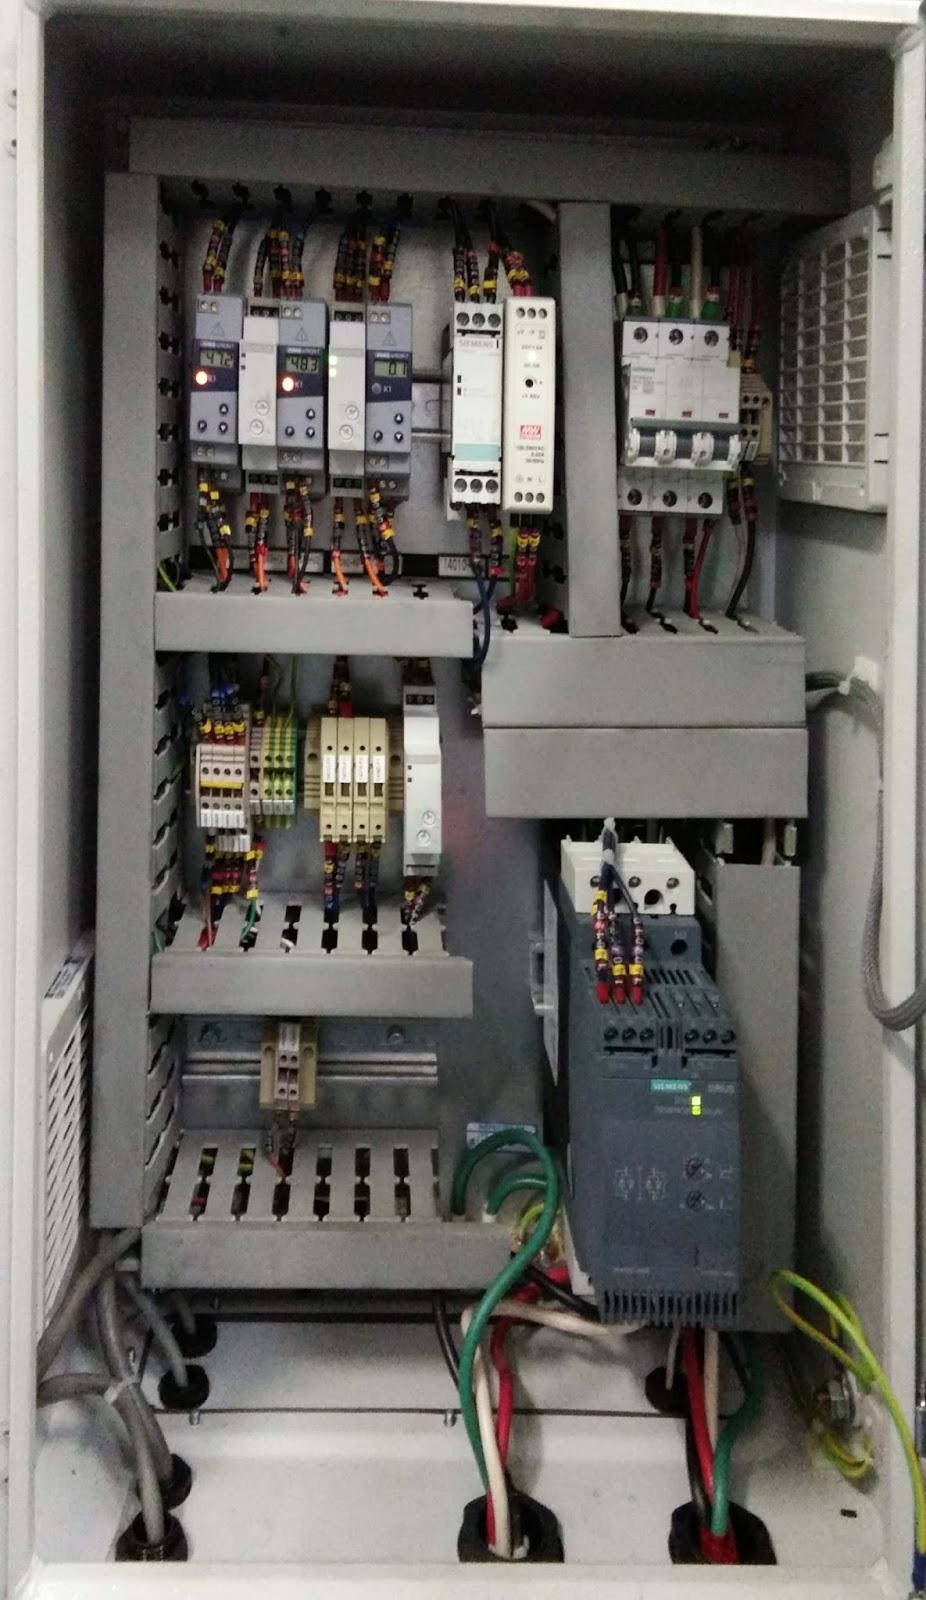 Perakitan Panel Kontrol Listrik Teknisi Listrik